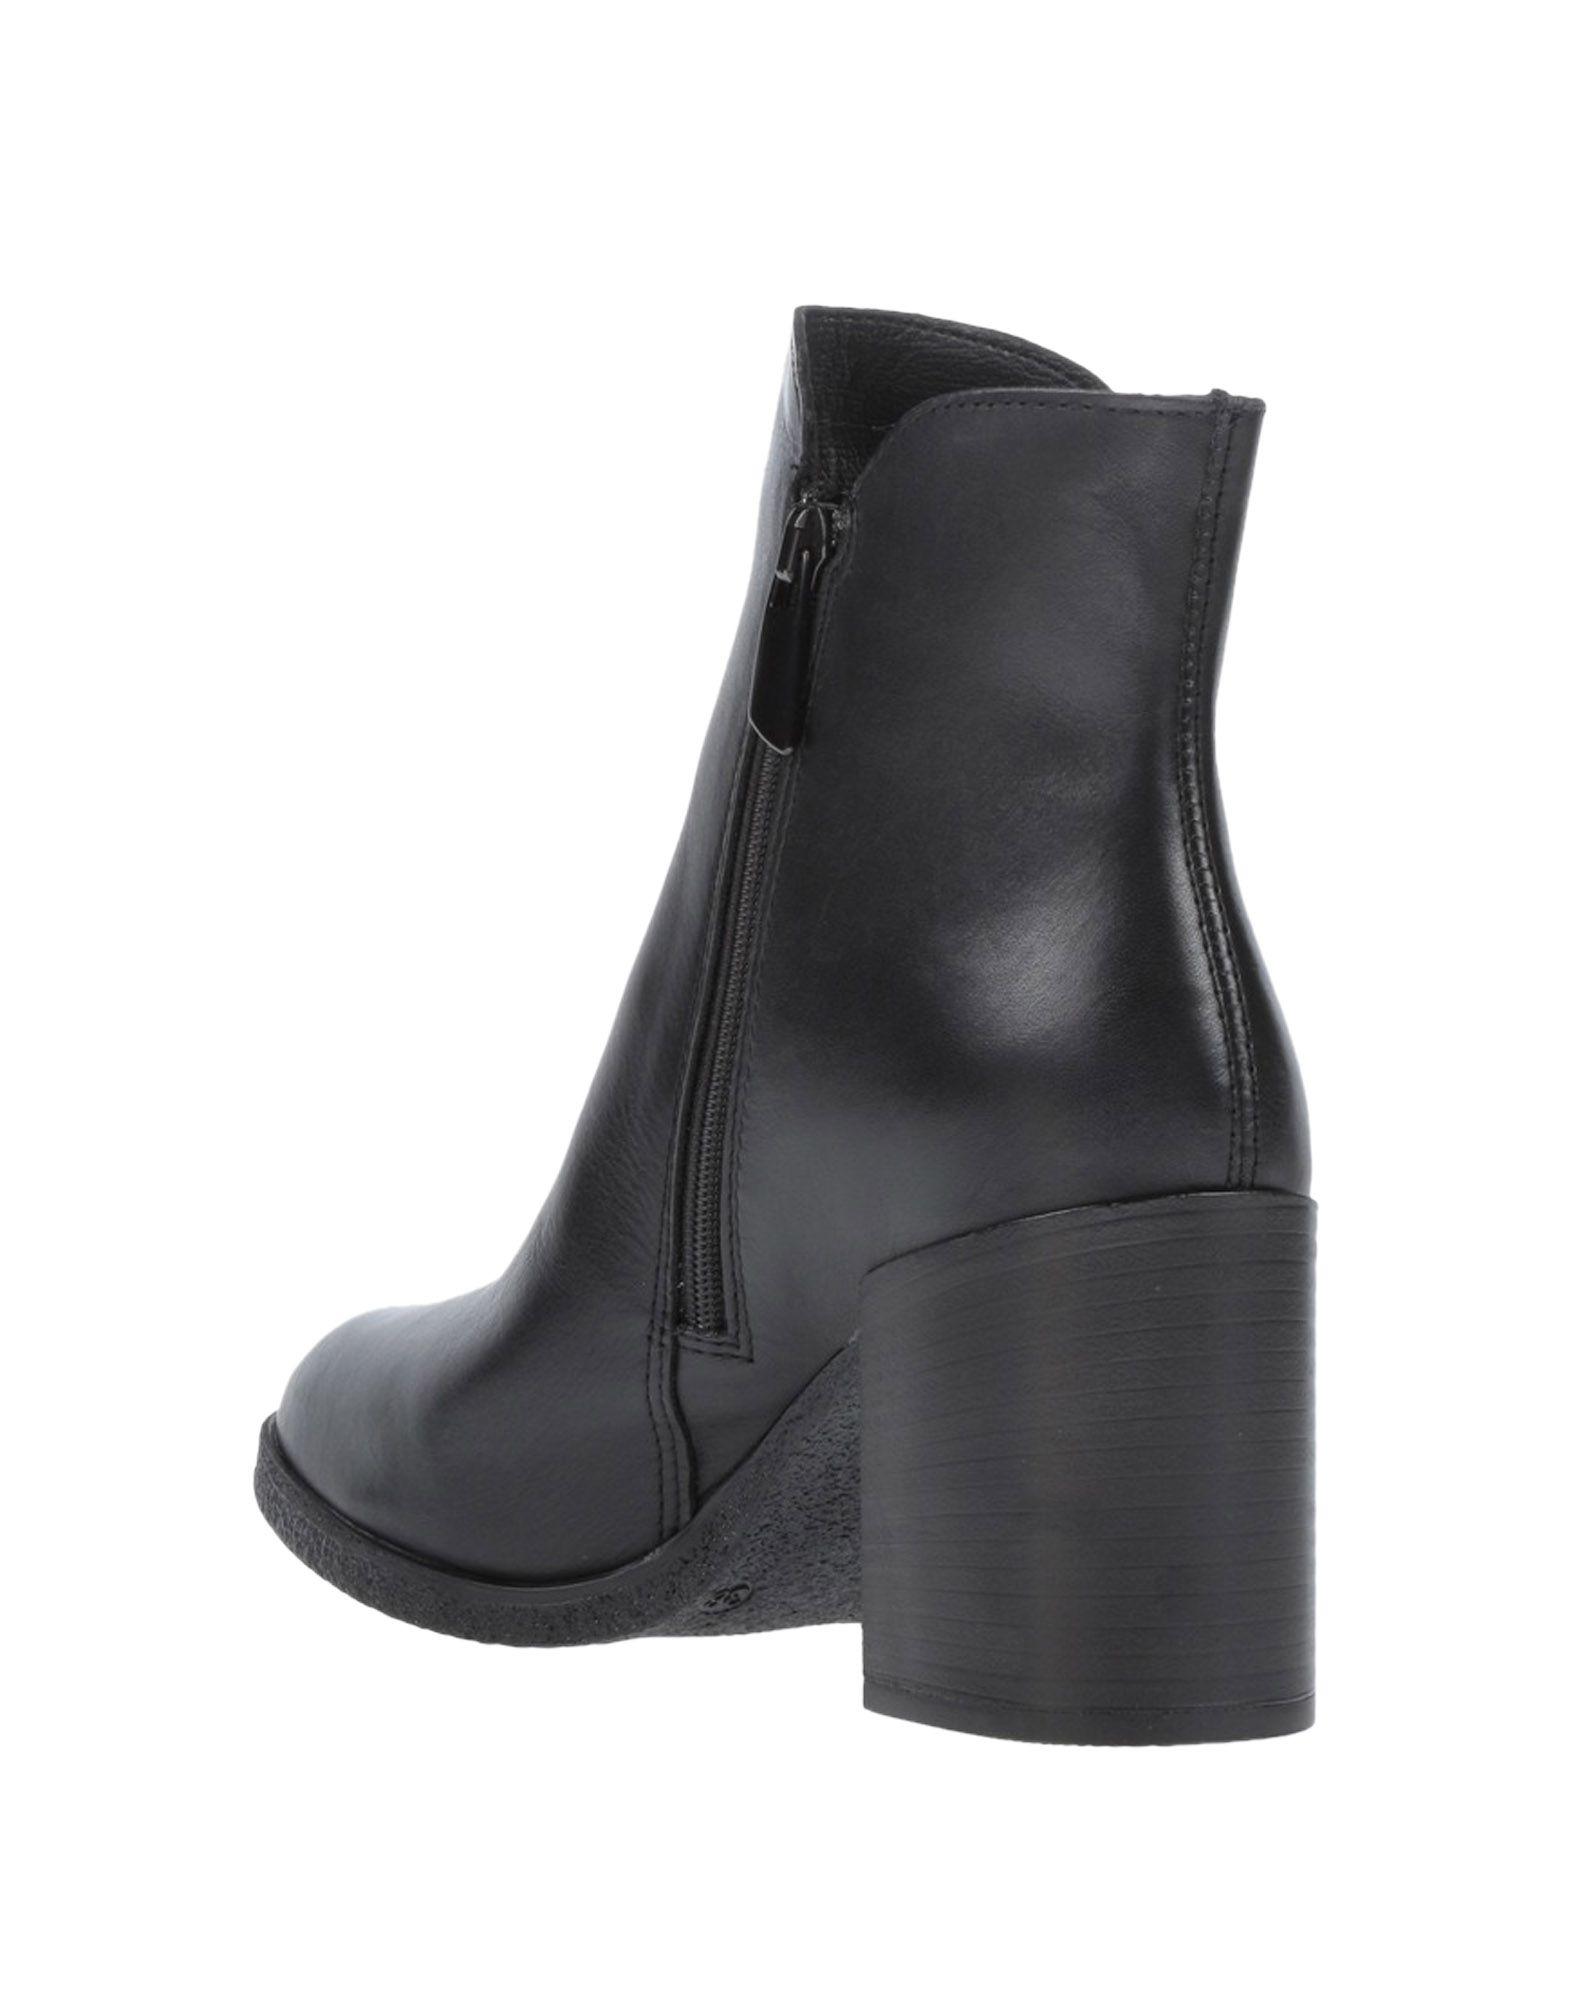 Gusto Stiefelette Damen  11520354FP Gute Qualität beliebte Schuhe